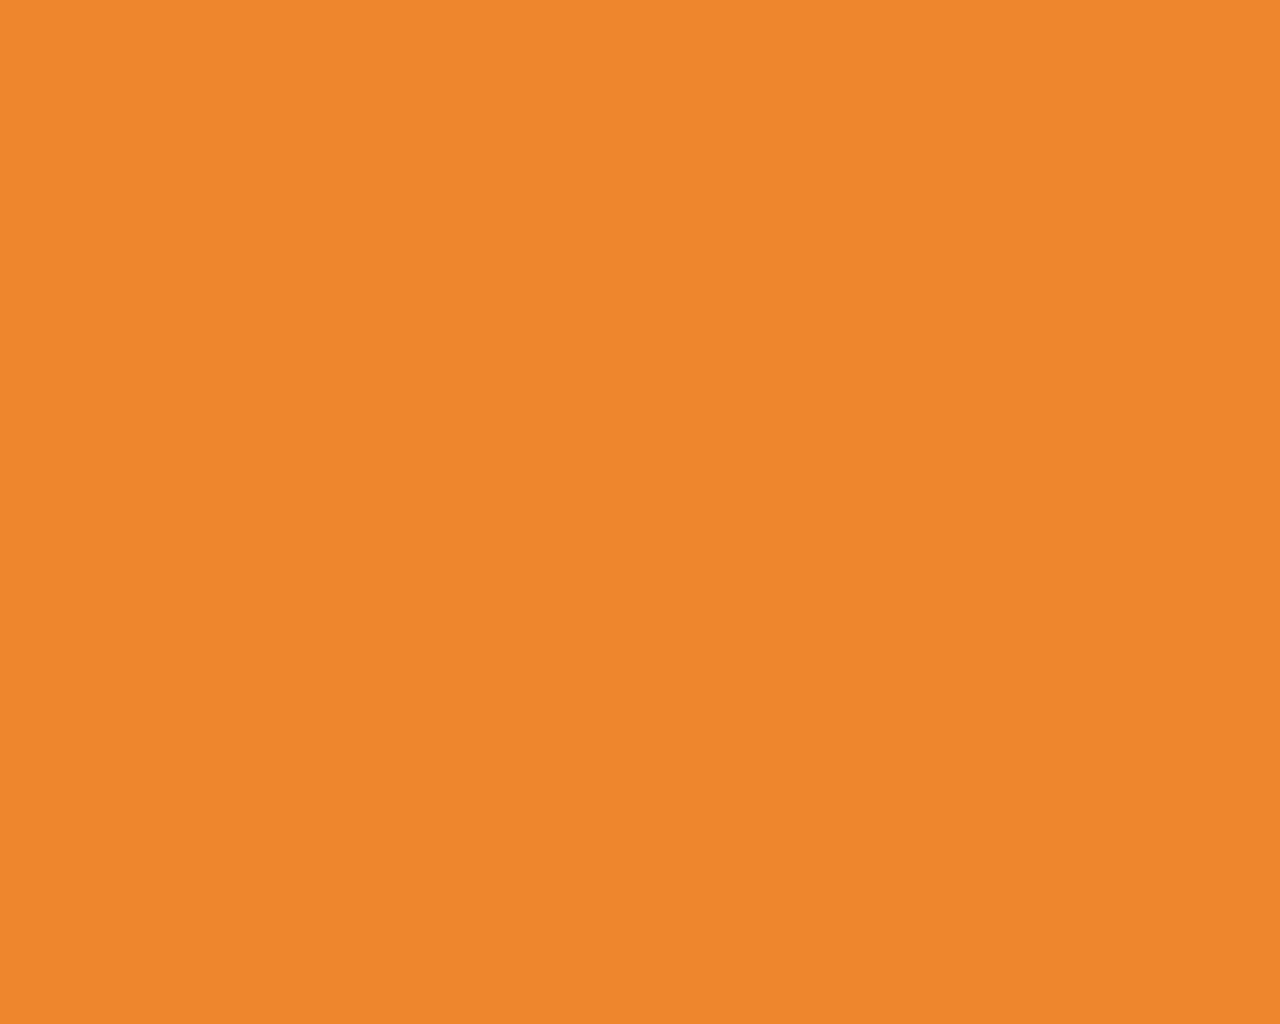 1280x1024 Cadmium Orange Solid Color Background